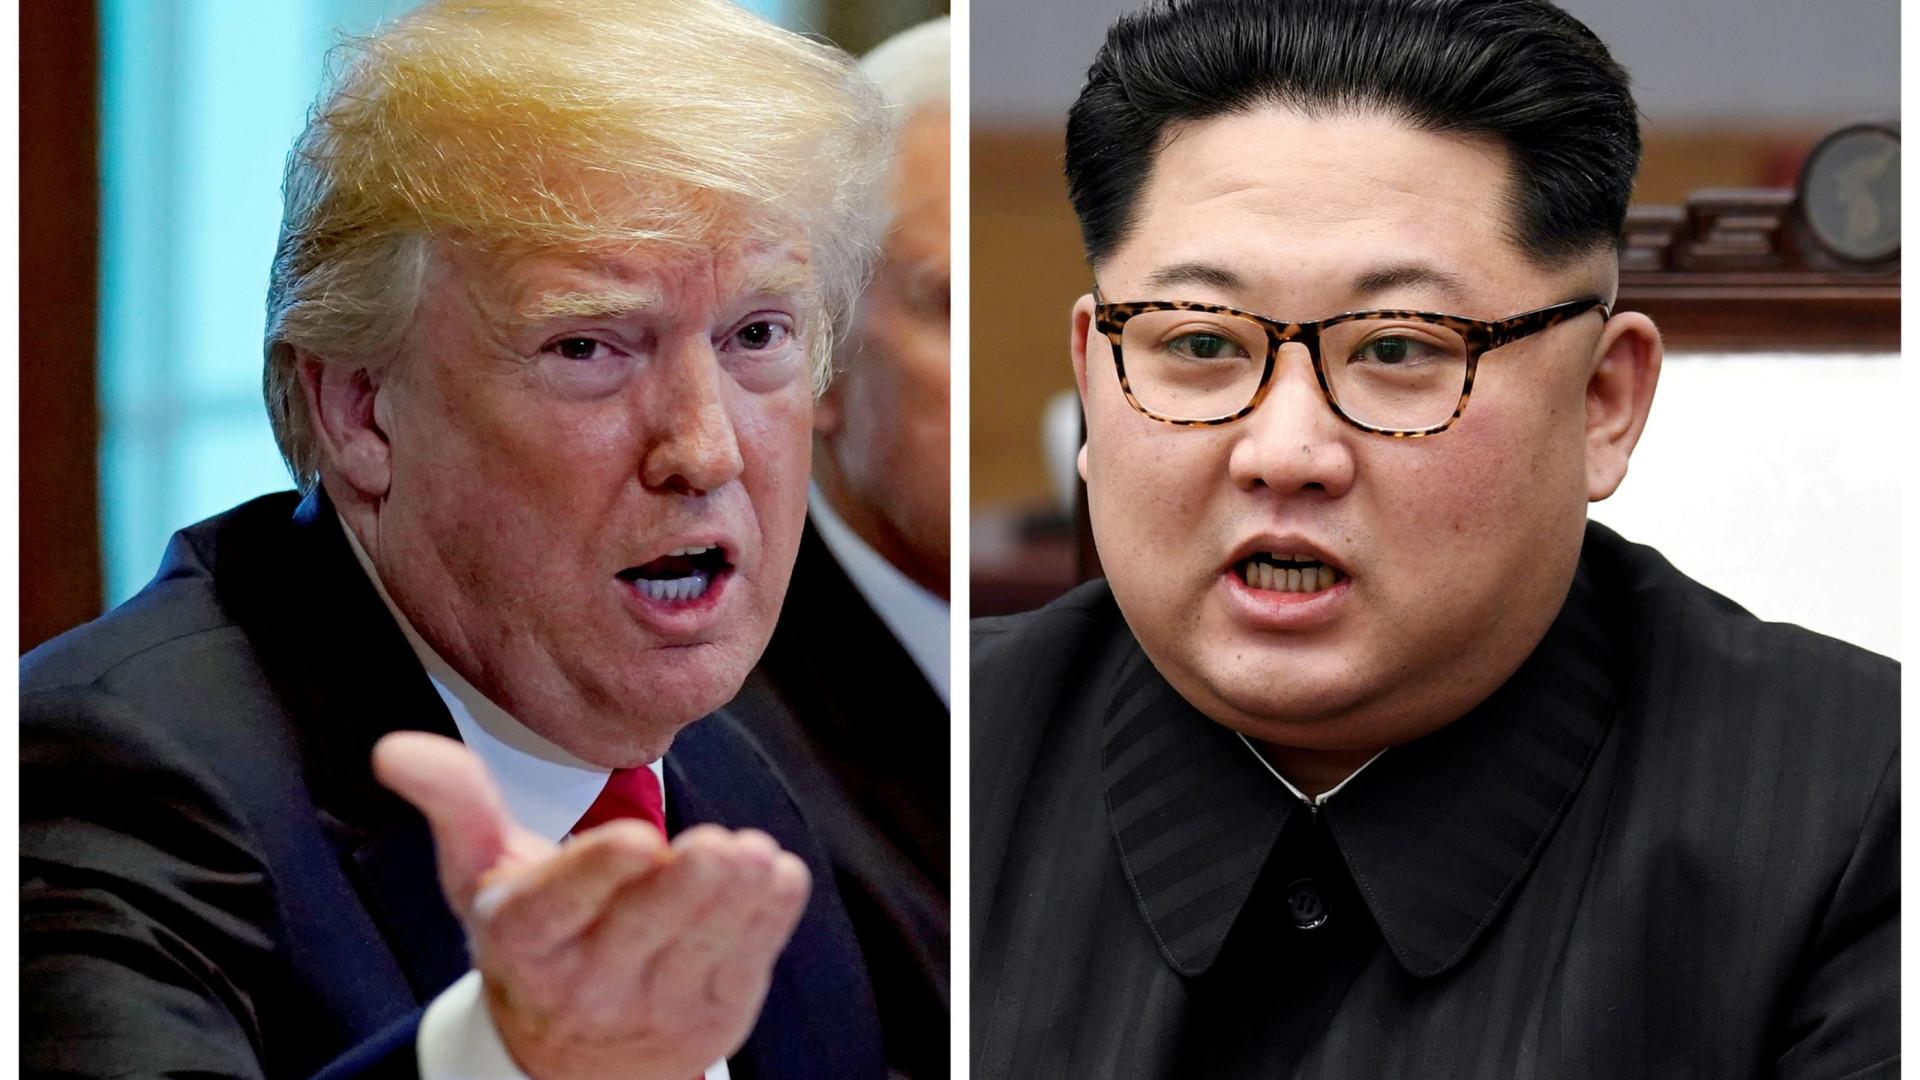 O percurso até à histórica cimeira de Trump e Kim